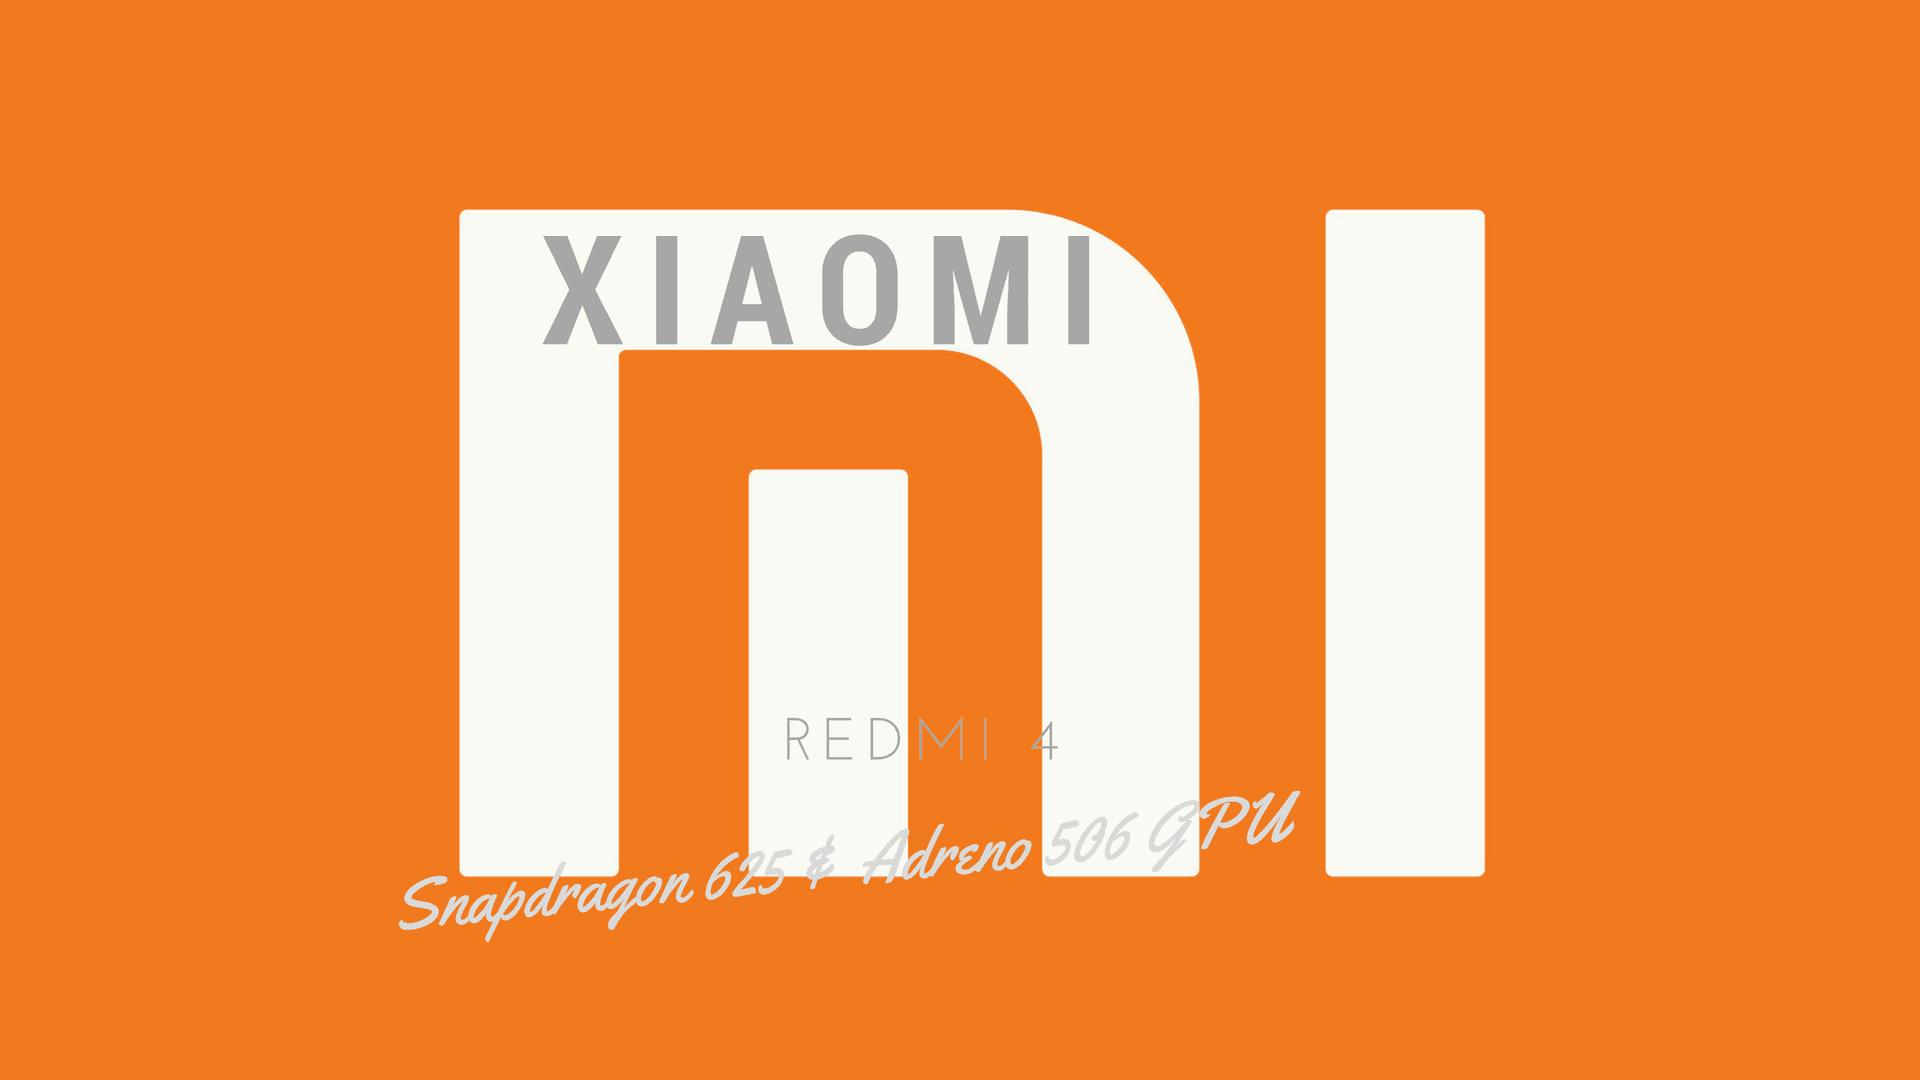 Xiaomi Redmi 4 Specs – MIUI 8, Octacore & Adreno 506 GPU